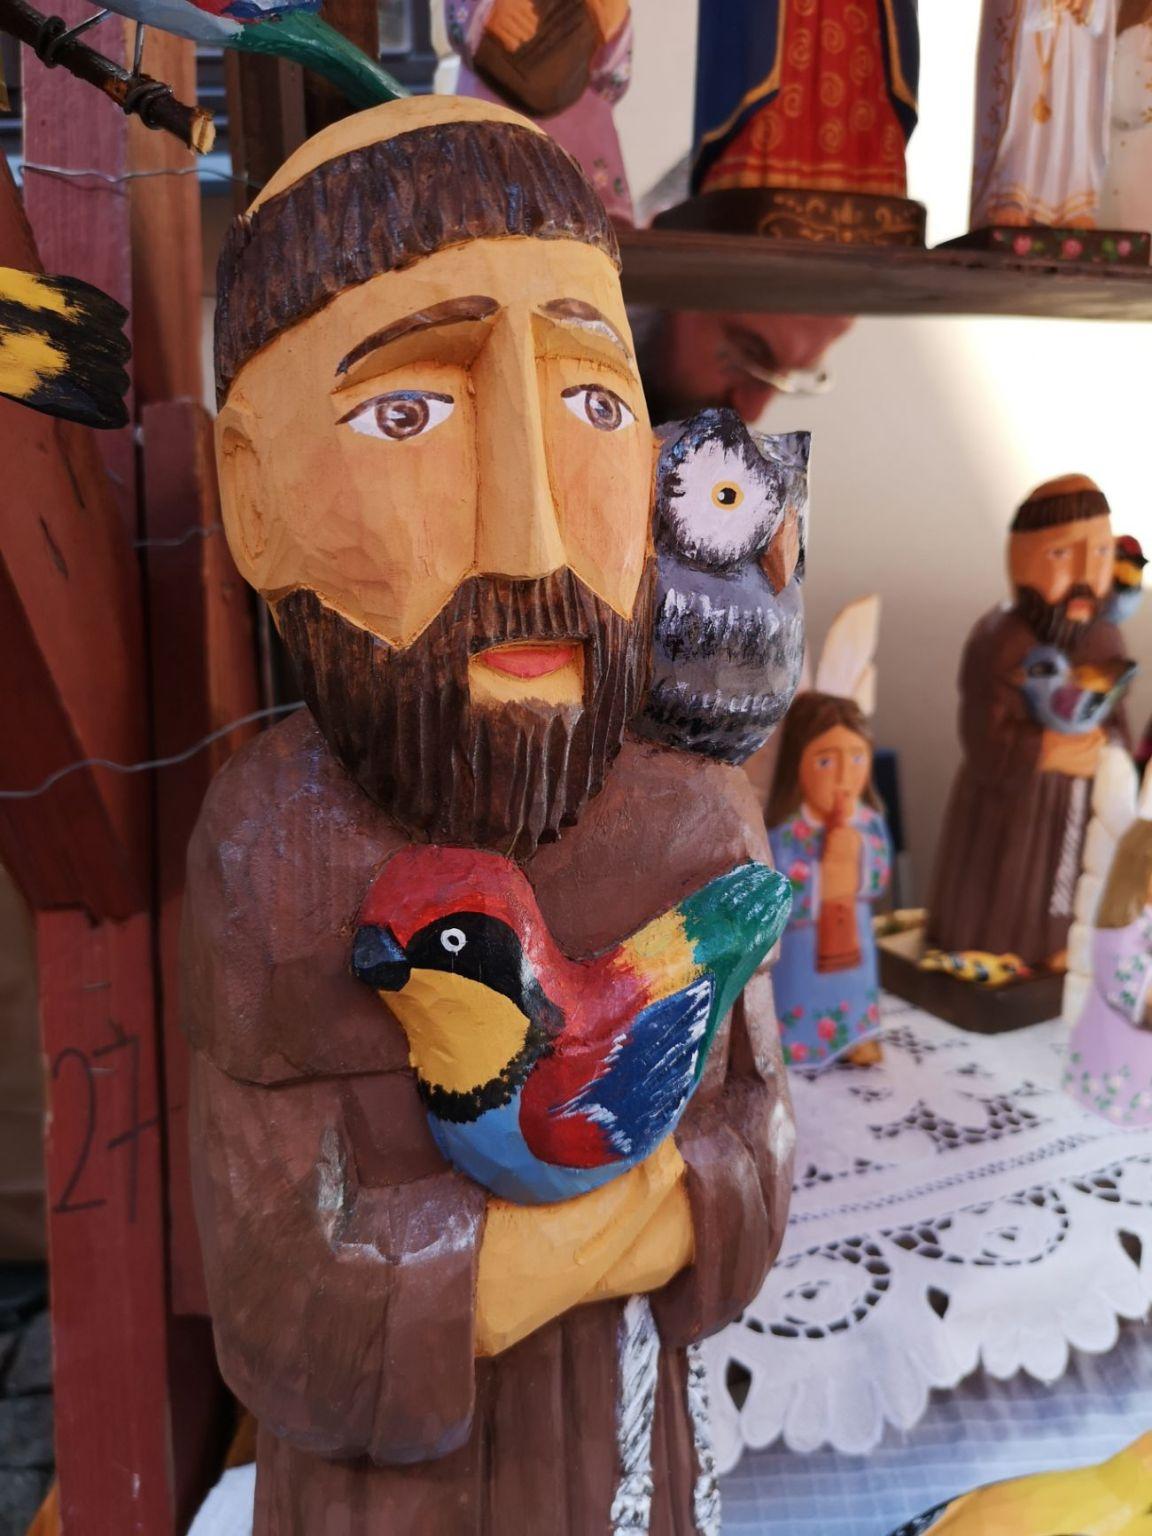 jarmark jagielloński lublin weekend festiwal co zwiedzić co zobaczyć